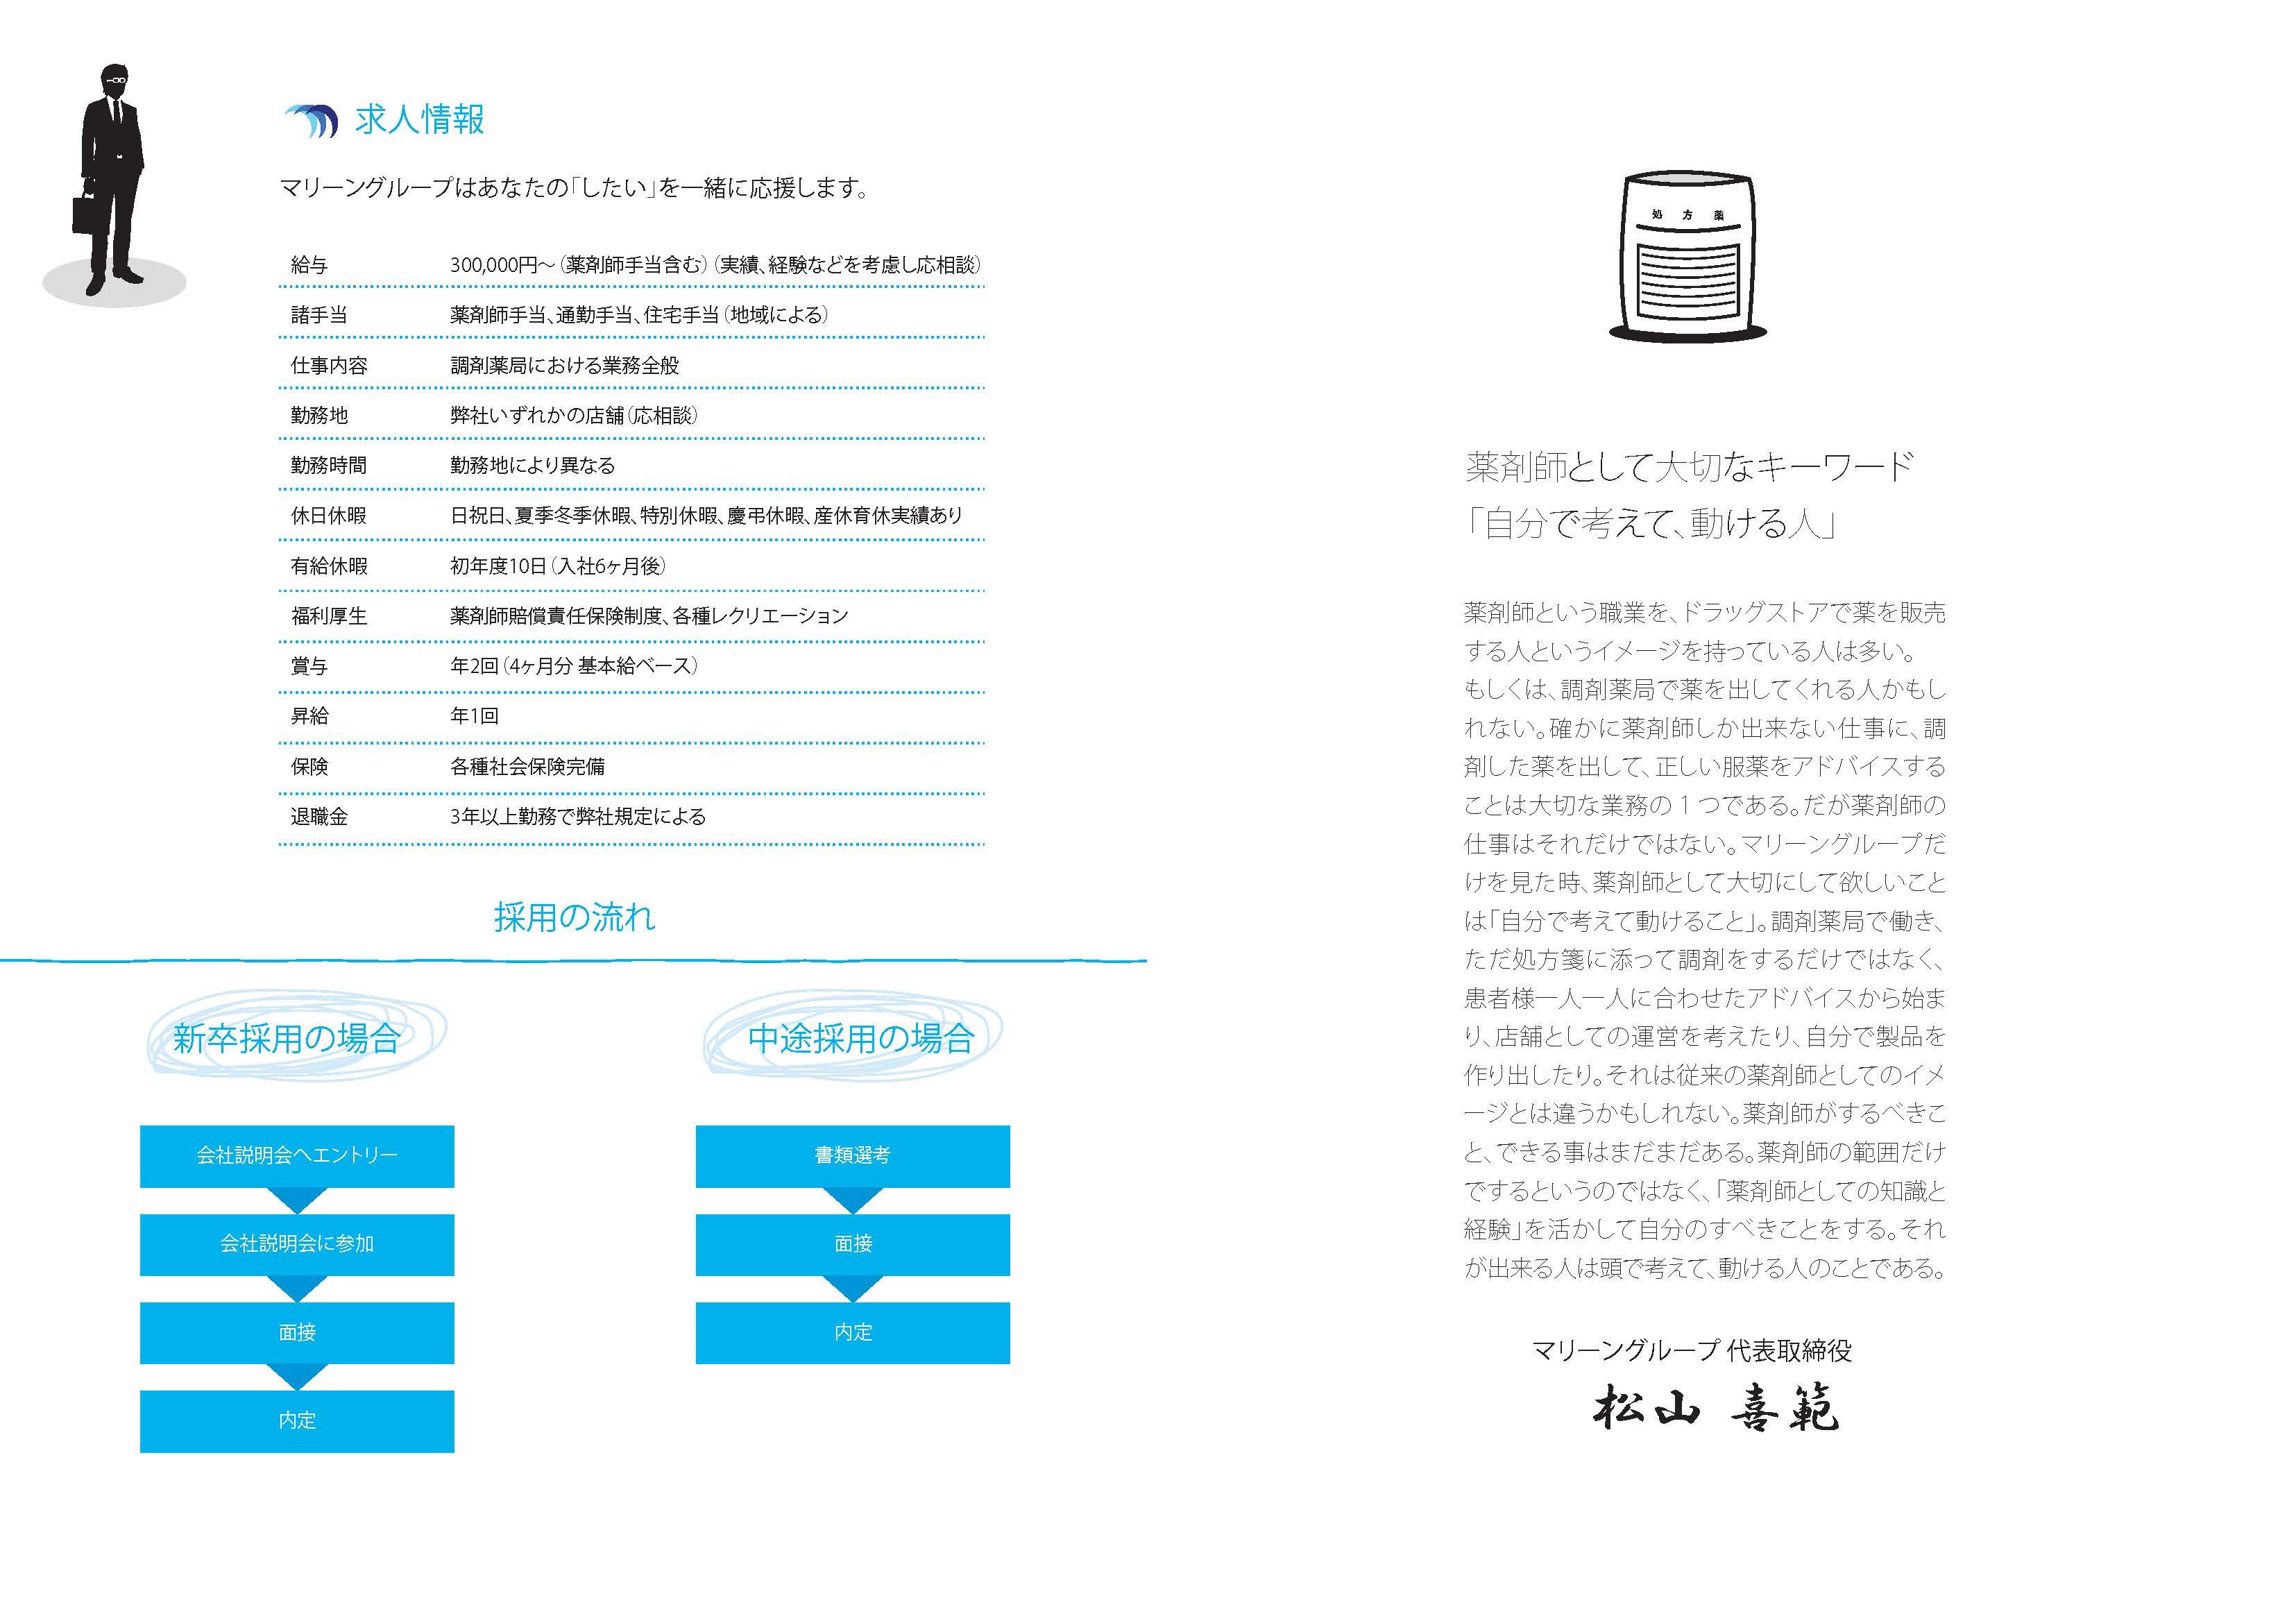 マリーングループ御中_パンフレットデザイン_20150126_ページ_6